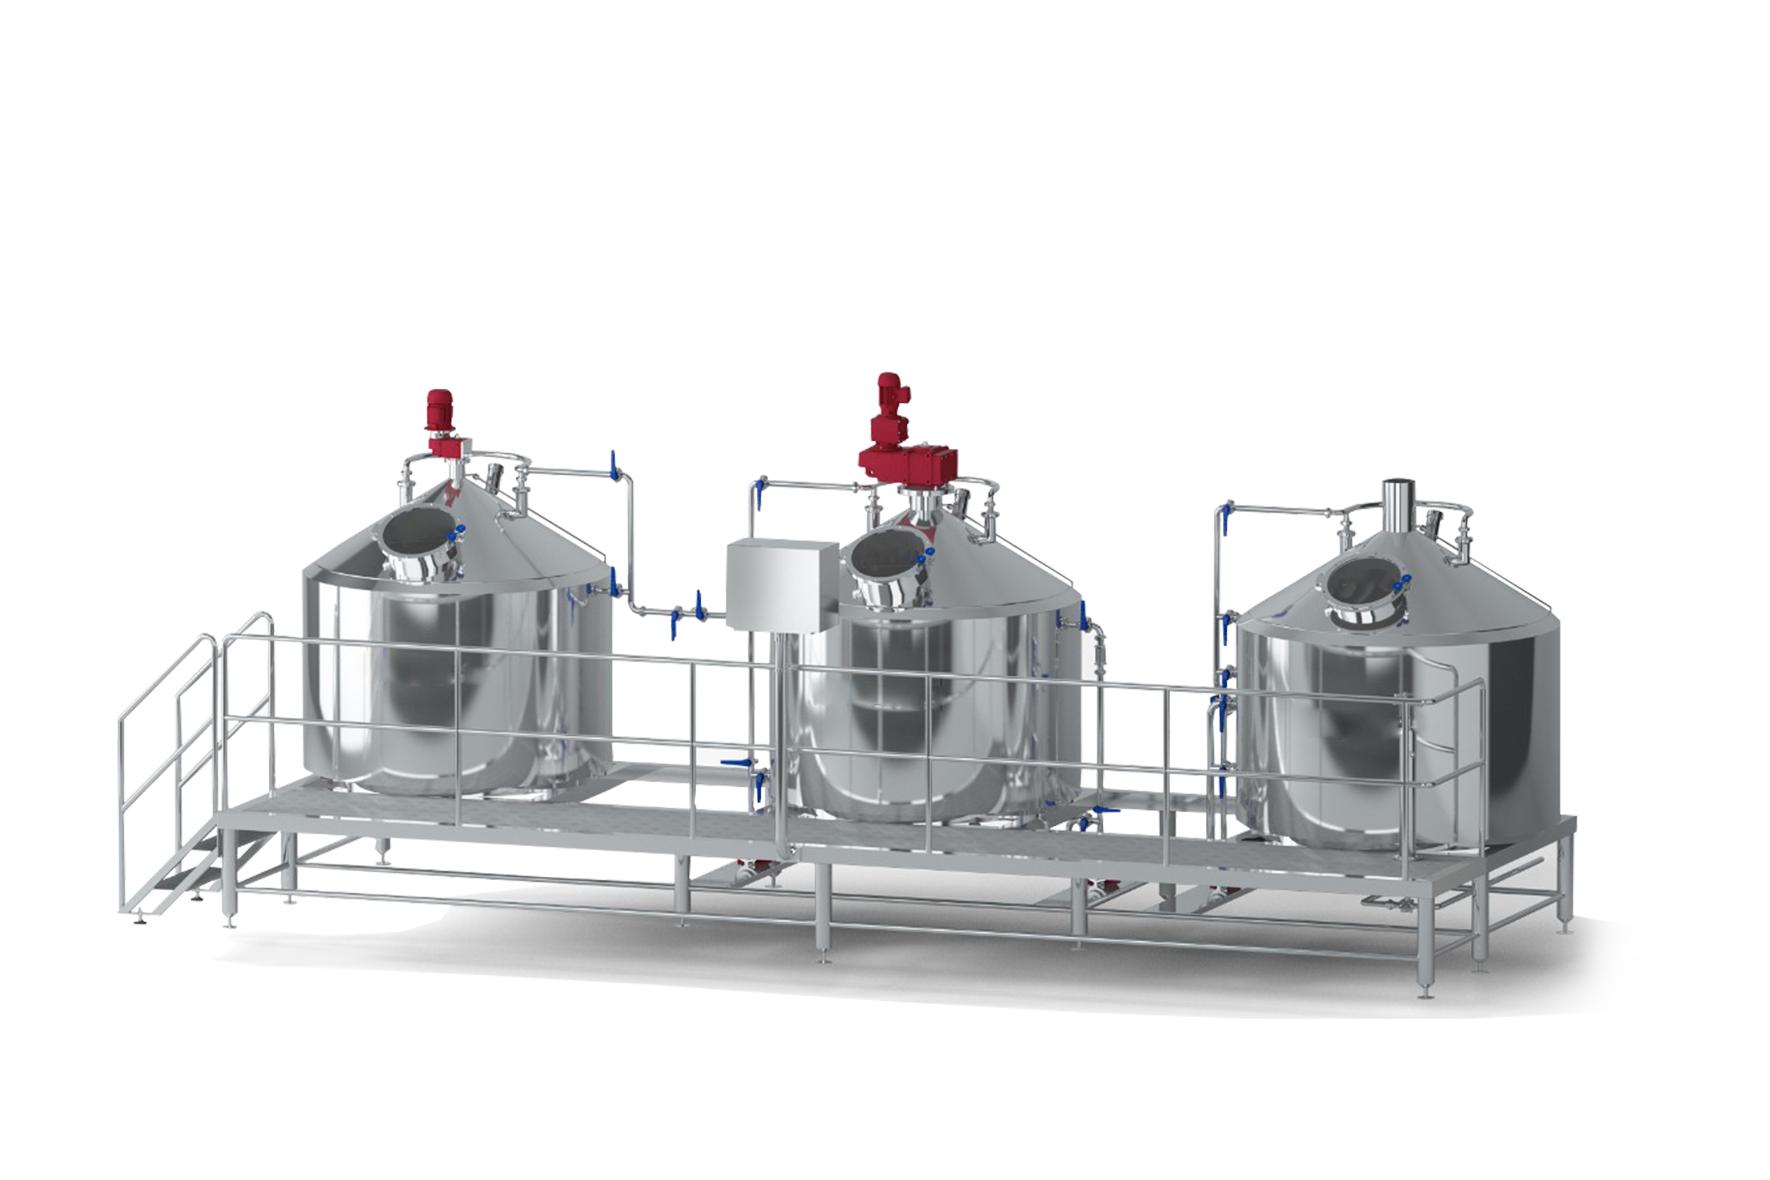 Equipamentos de Processo em Aço Inox